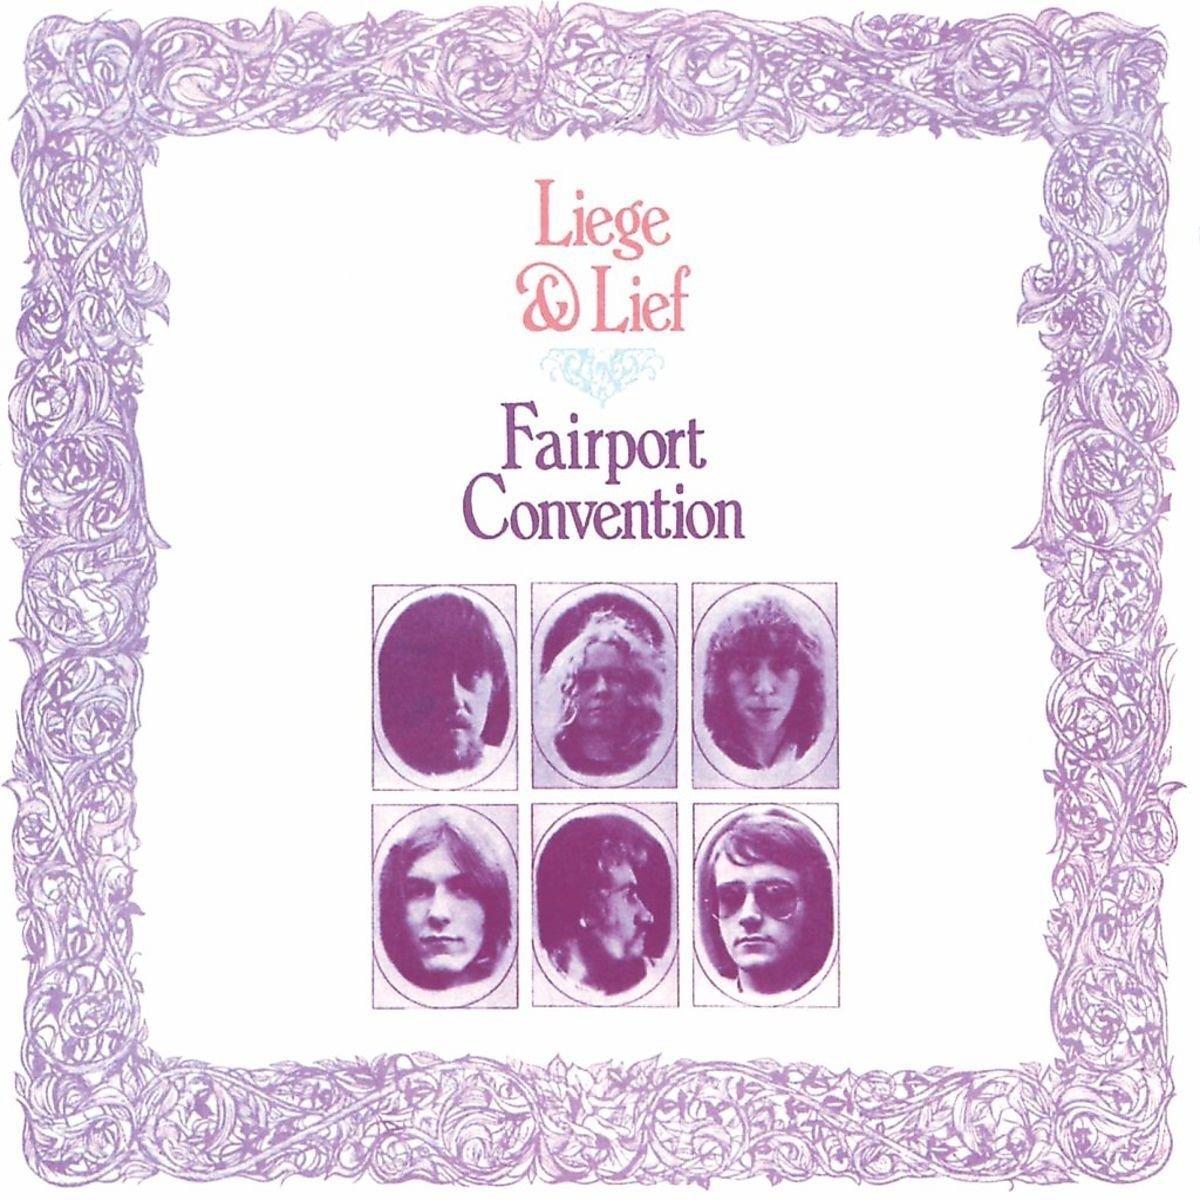 Liege-Lief-Fairport-Convention--1626128563